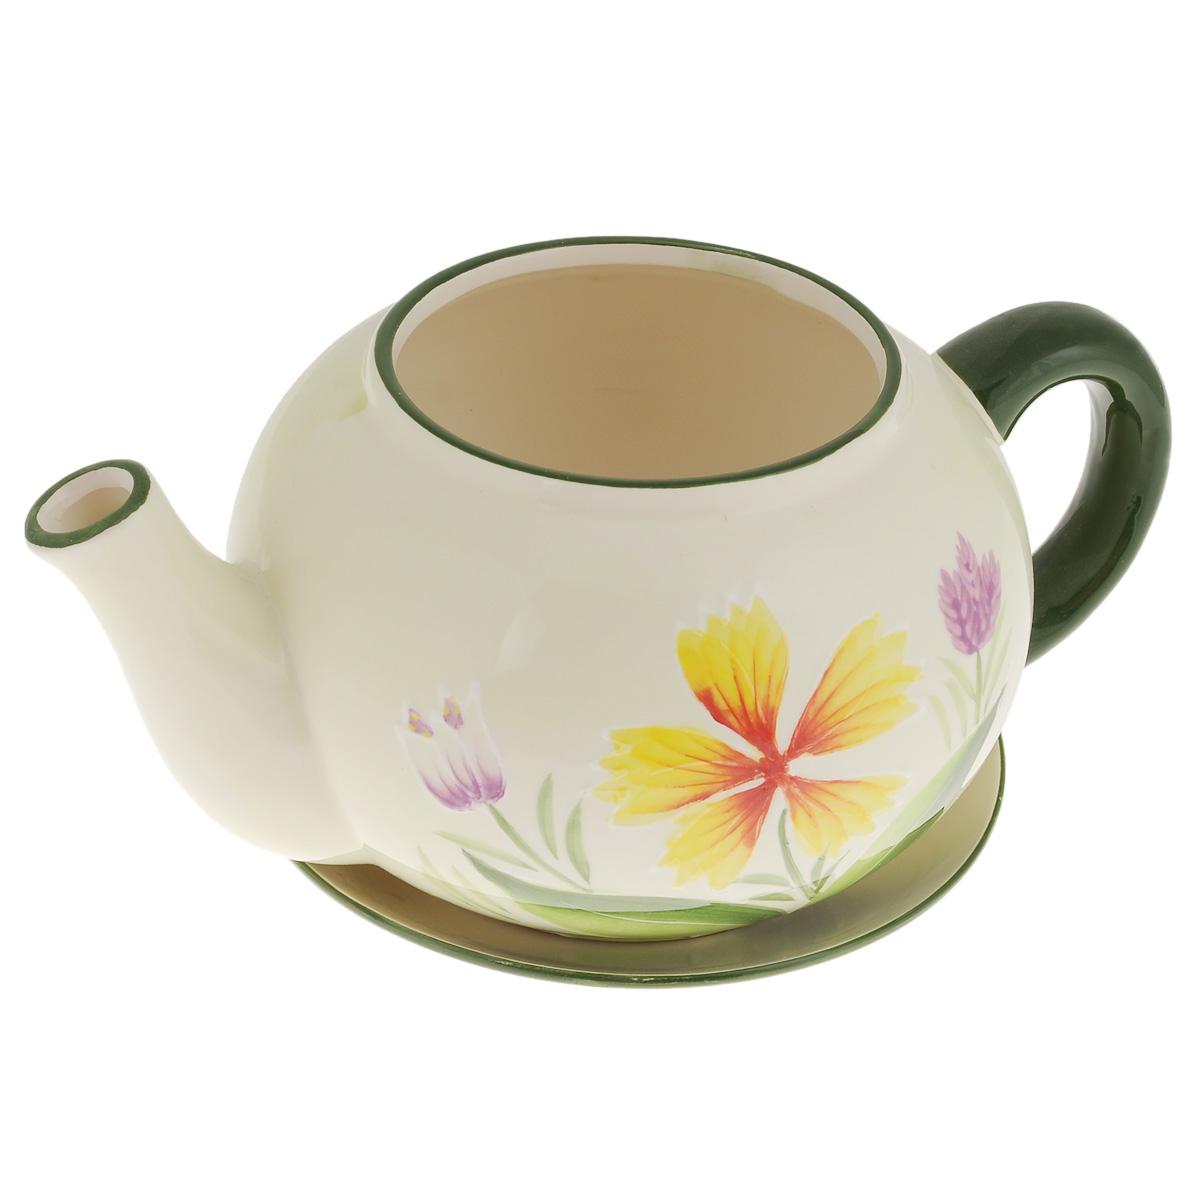 Кашпо Lillo Заварочный чайник, с поддоном. XY10S015-1BXY10S015-1BКашпо-горшок для цветов Lillo Заварочный чайник выполнен из прочной керамики и декорирован красочным рисунком. Изделие предназначено для цветов. Такие изделия часто становятся последним штрихом, который совершенно изменяет интерьер помещения или ландшафтный дизайн сада. Благодаря такому кашпо вы сможете украсить вашу комнату, офис, сад и другие места. Изделие оснащено специальным поддоном - блюдцем. Диаметр кашпо по верхнему краю: 12 см. Высота кашпо (без учета поддона): 14 см. Диаметр поддона: 20,5 см.